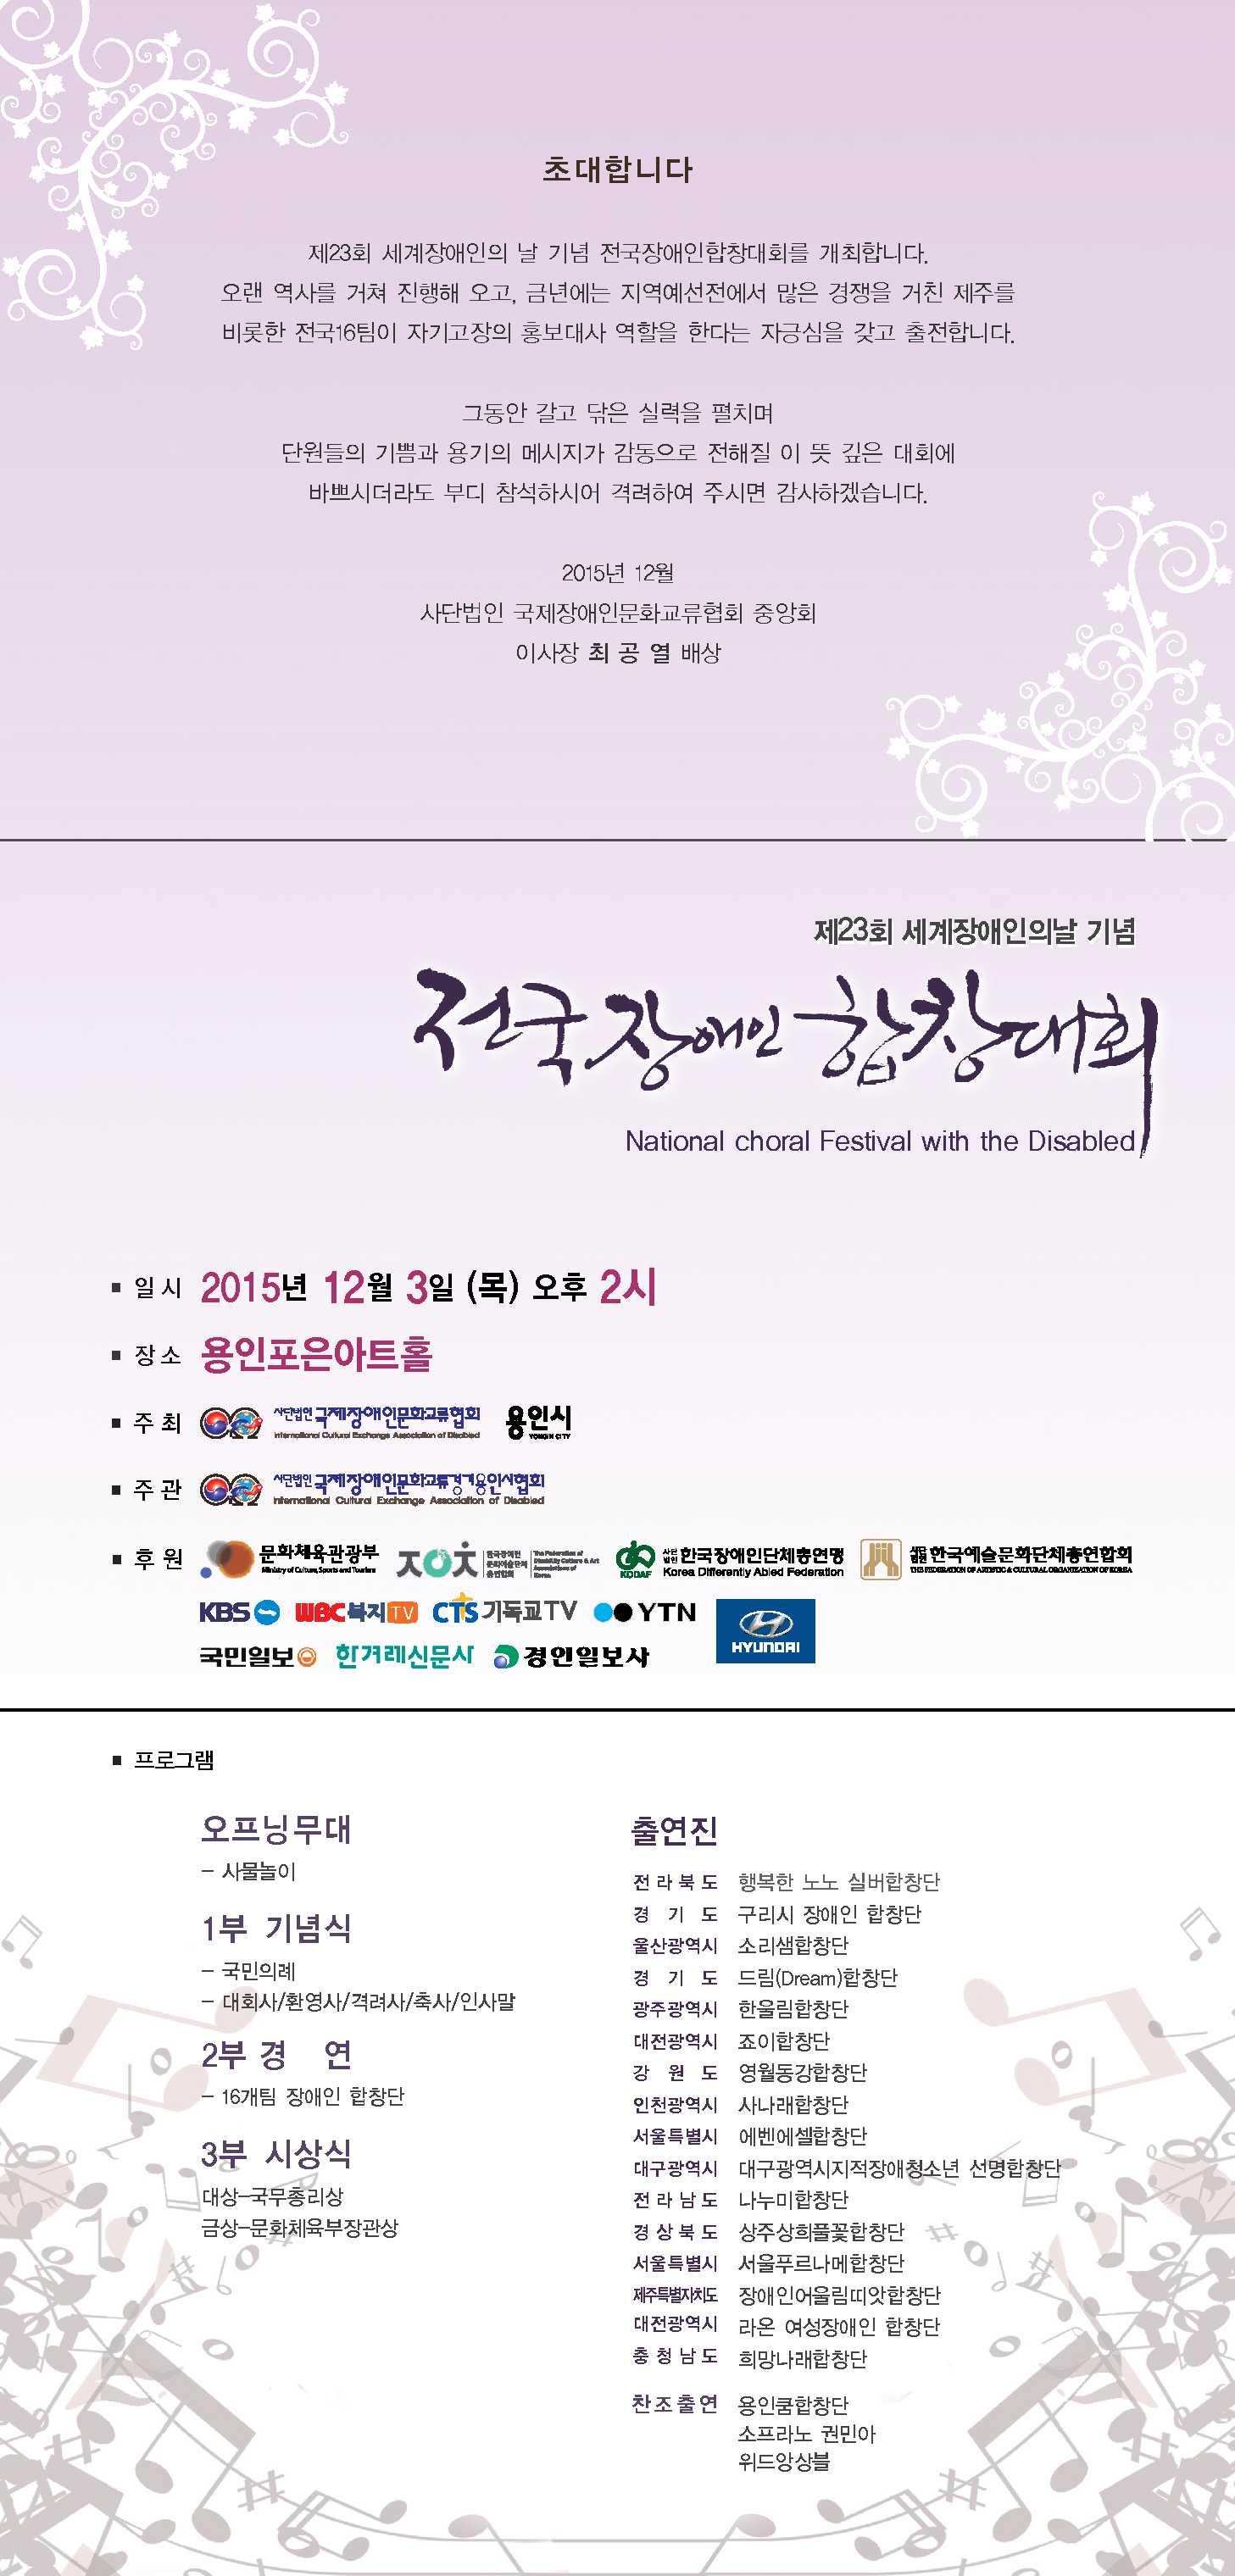 2015 장애인합창대회 초대장 최종_2.jpg